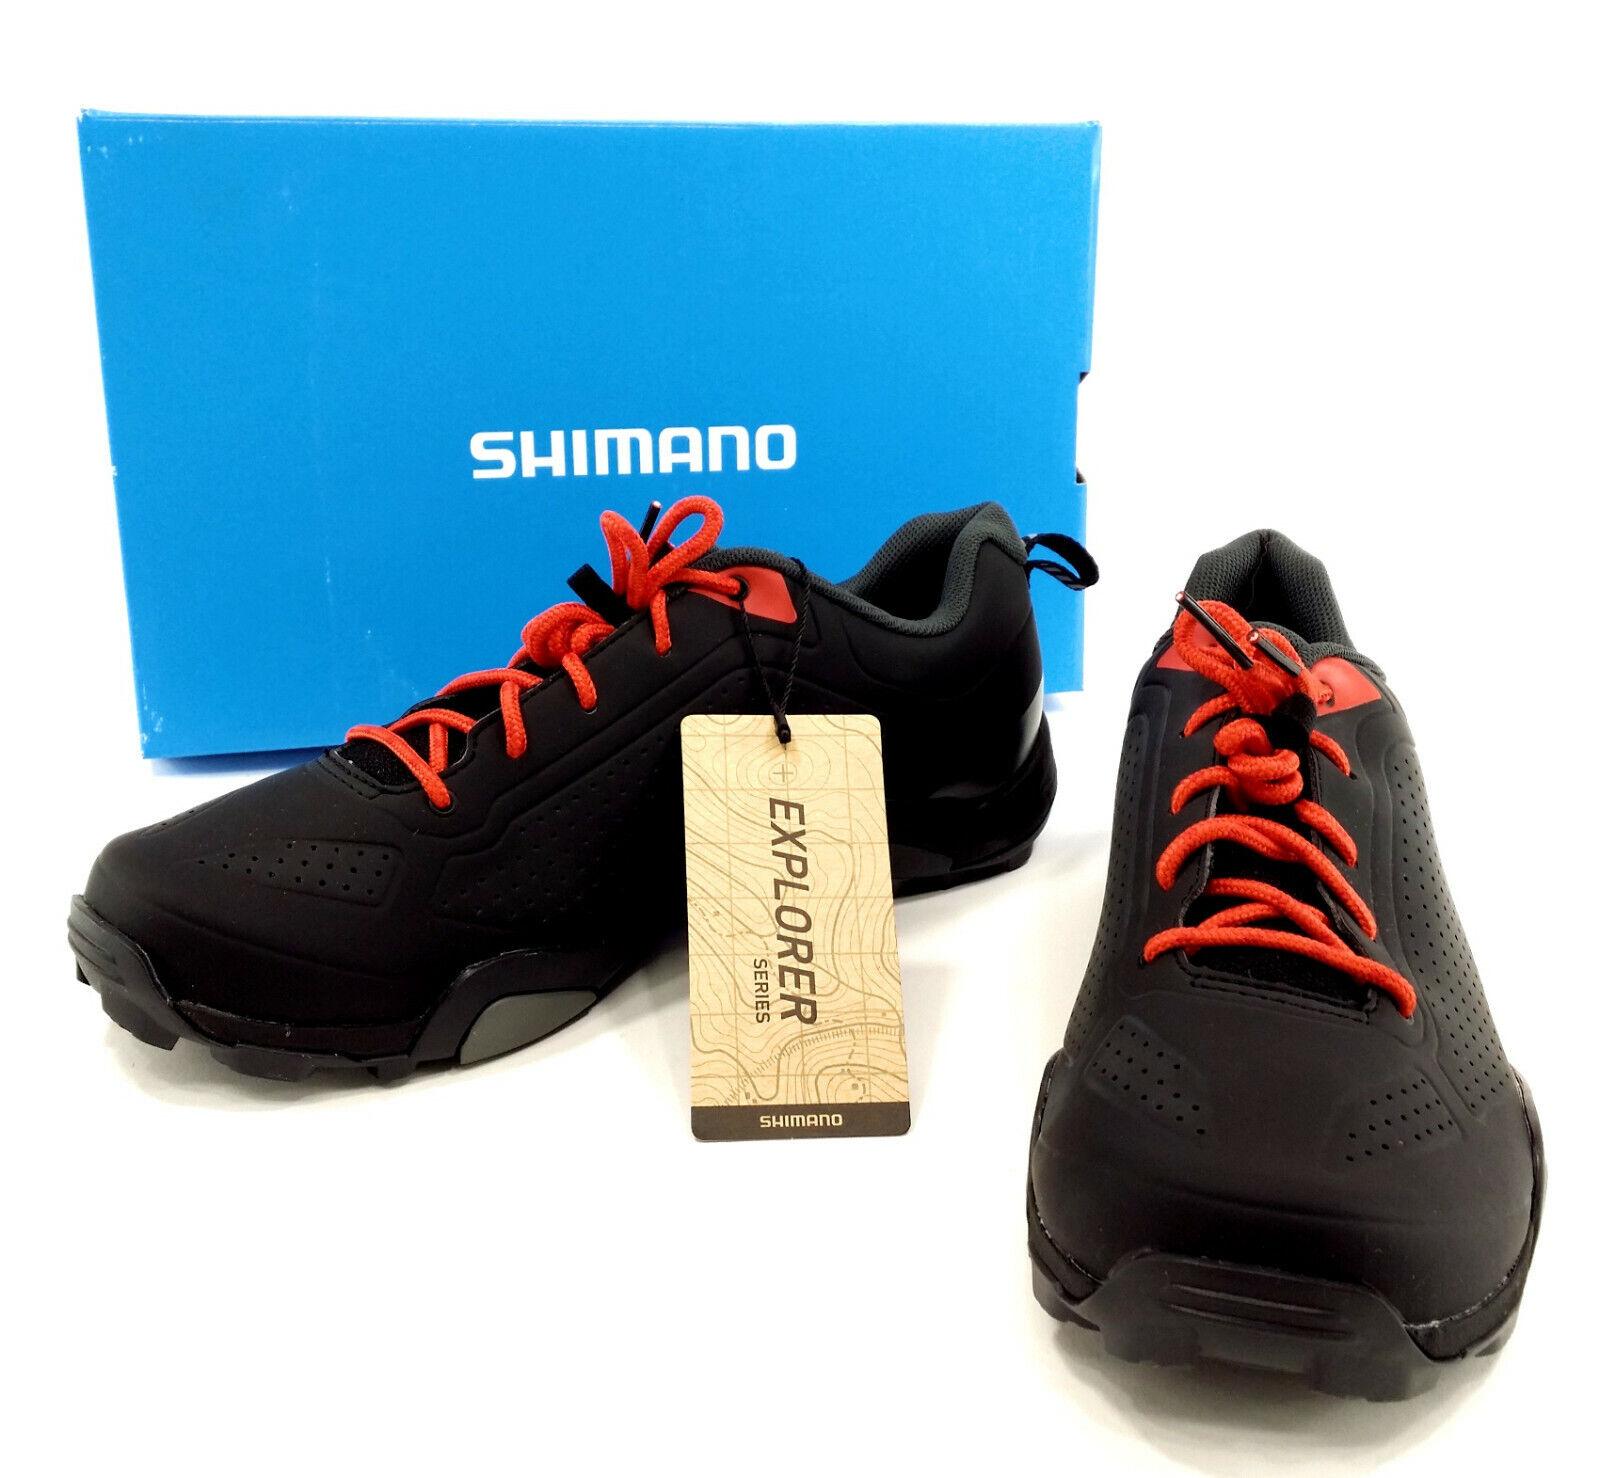 Shimano SH-MT3 Mountain Bike shoes - Men's US 8.3,